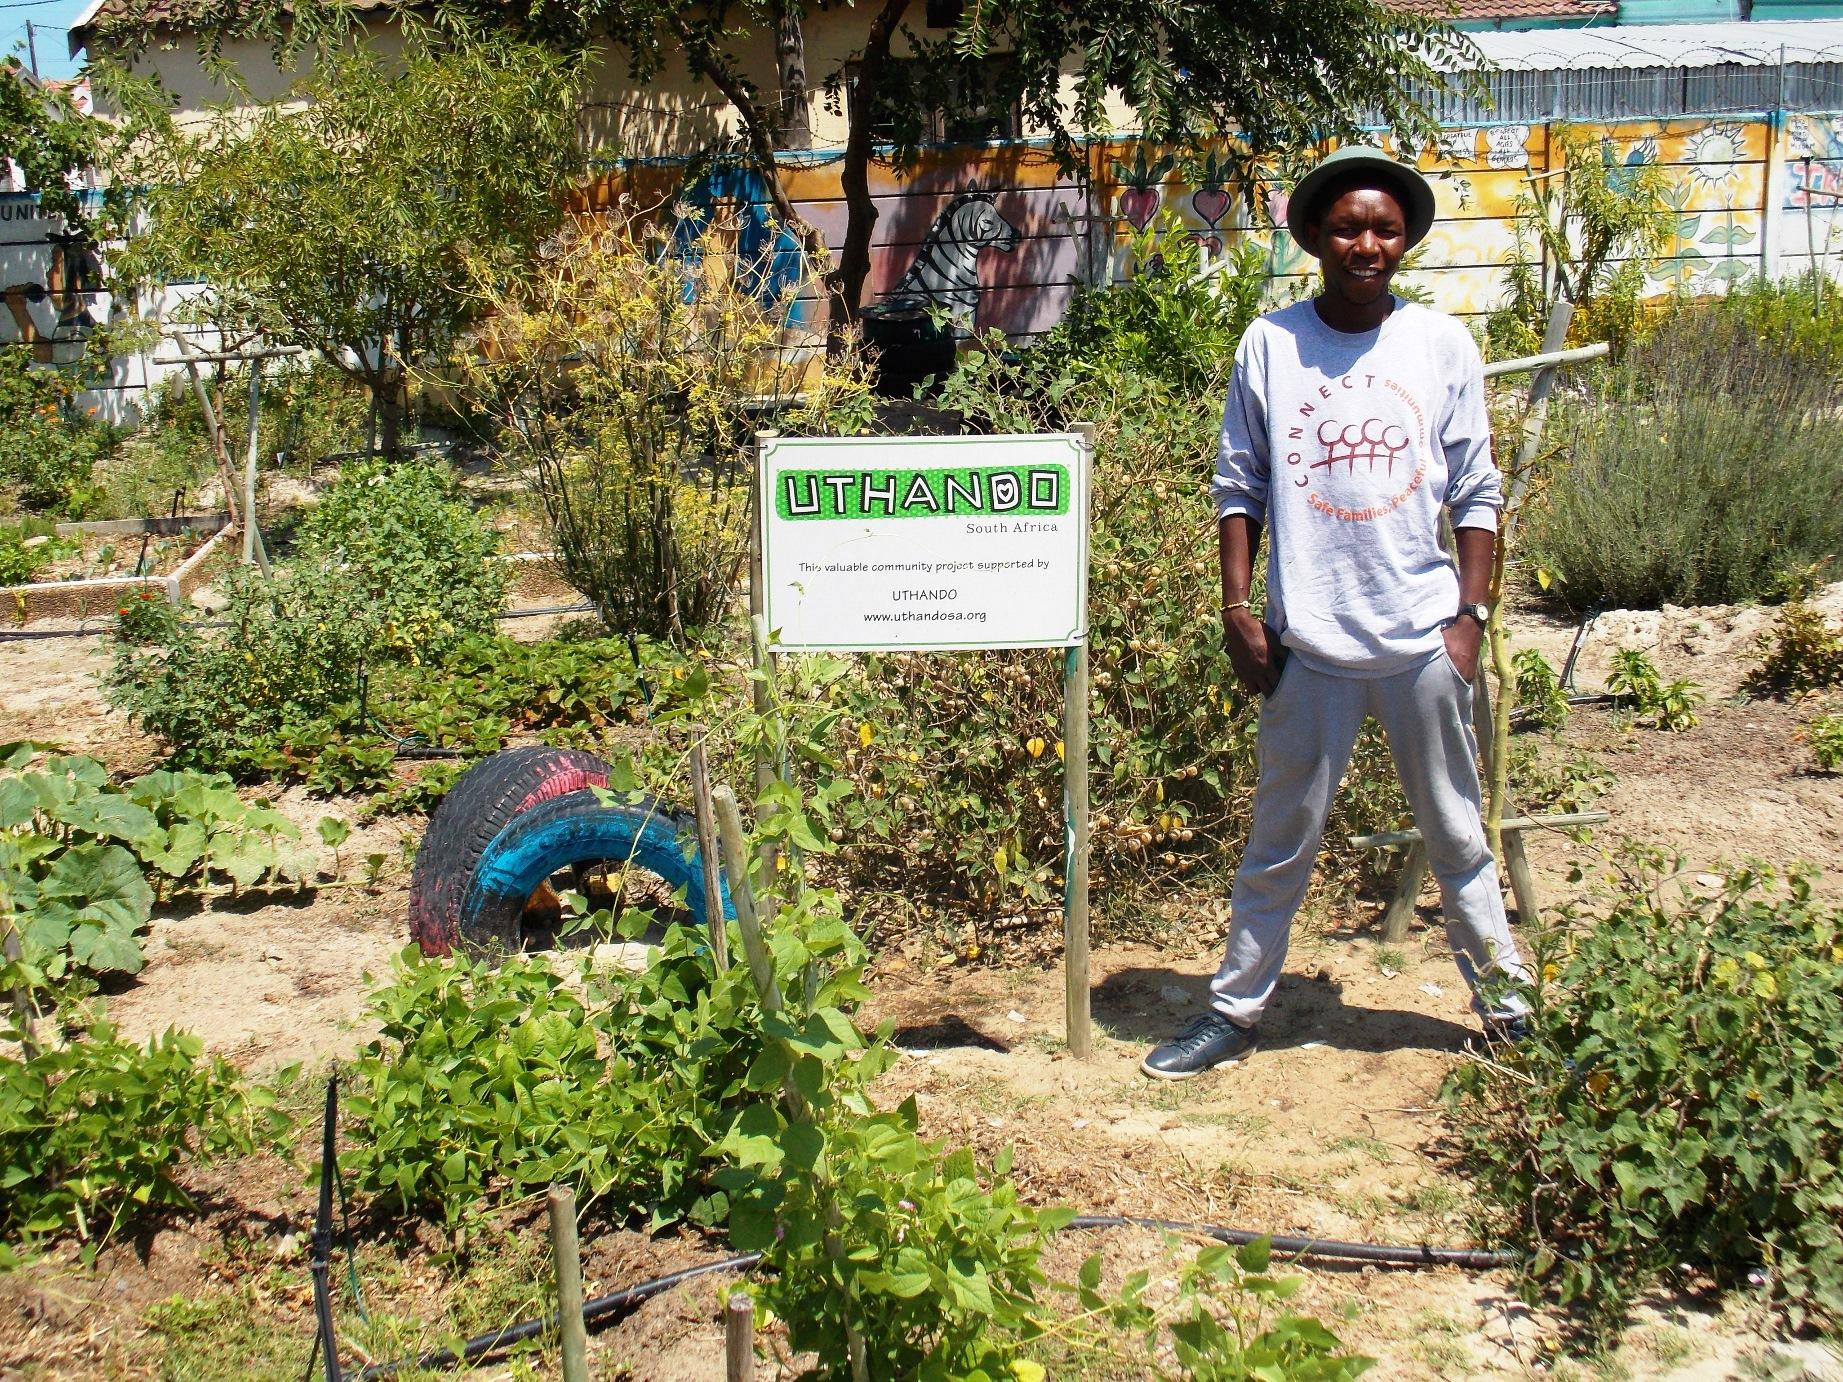 School vegetable gardens - Khayelitsha Schools Benefit From Having Own Food Gardens